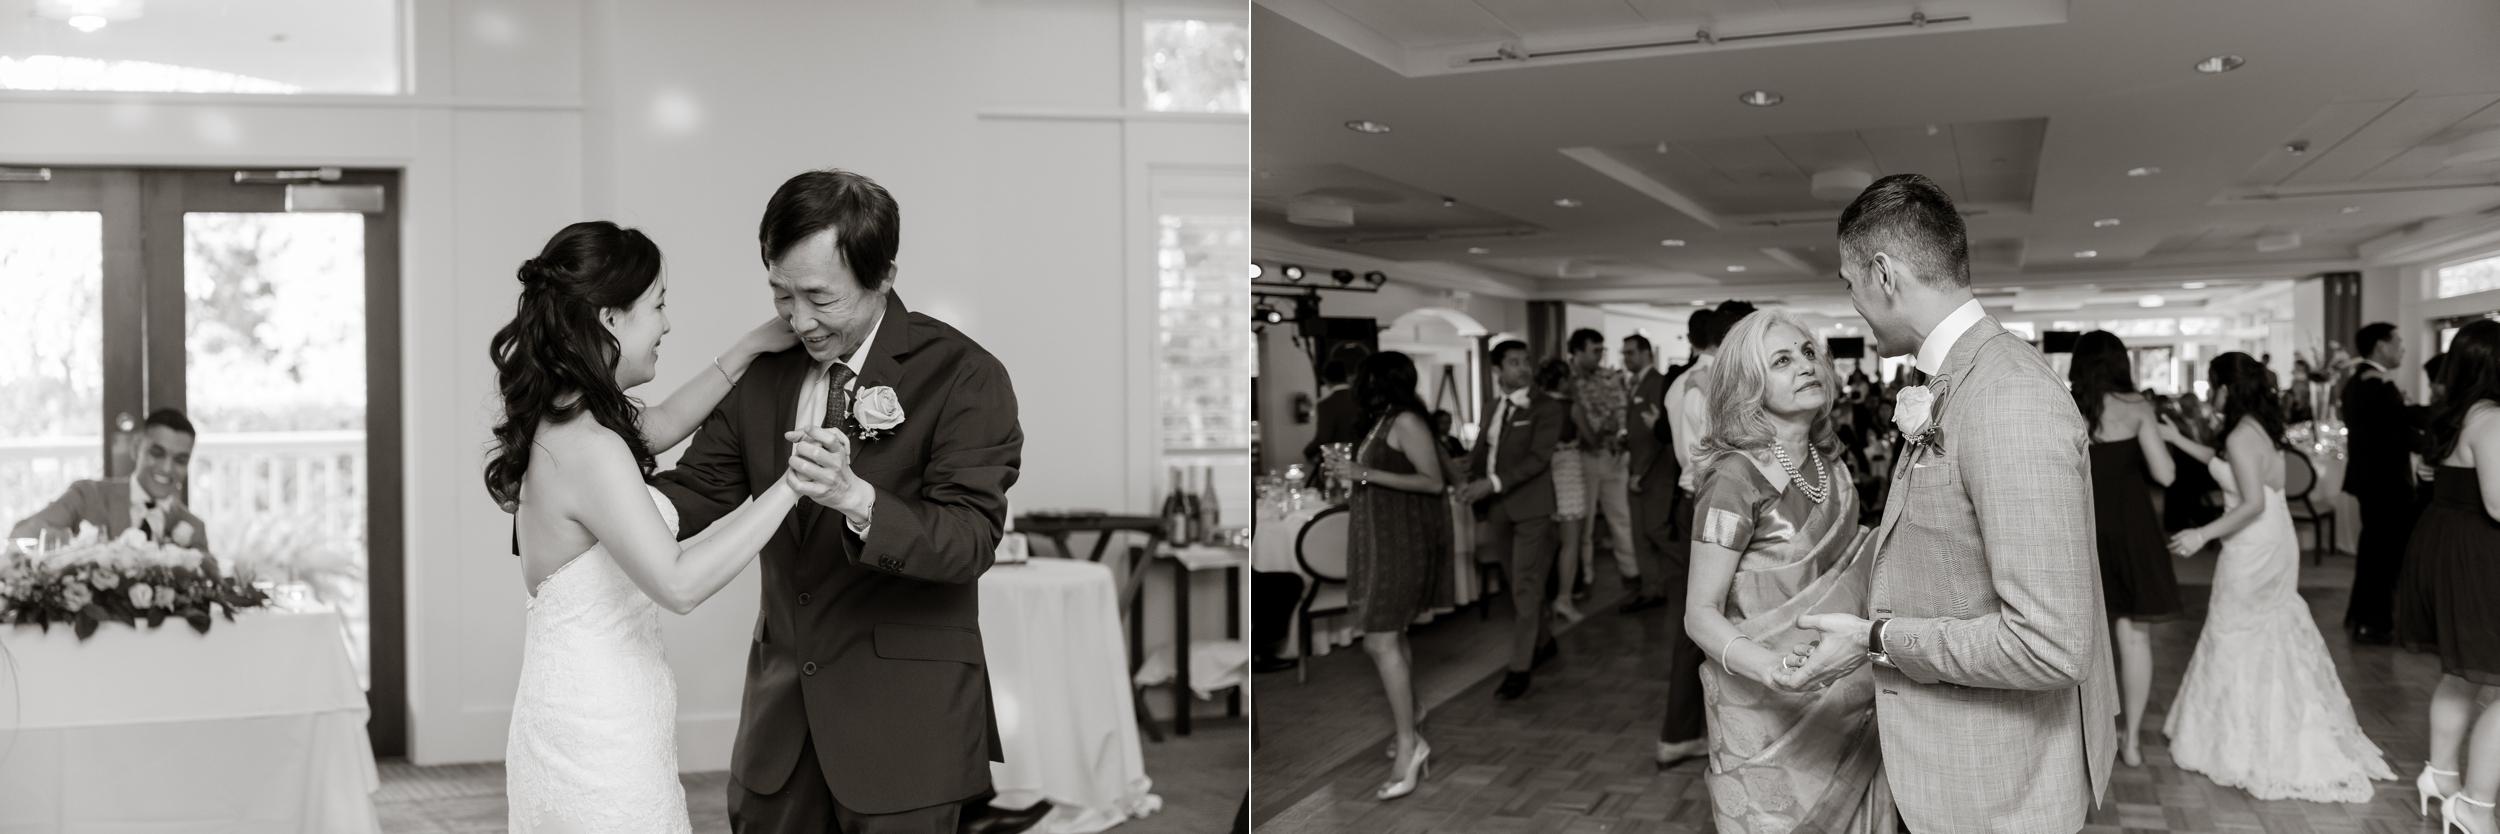 silverado-resort-napa-wine-country-wedding-66_WEB.jpg